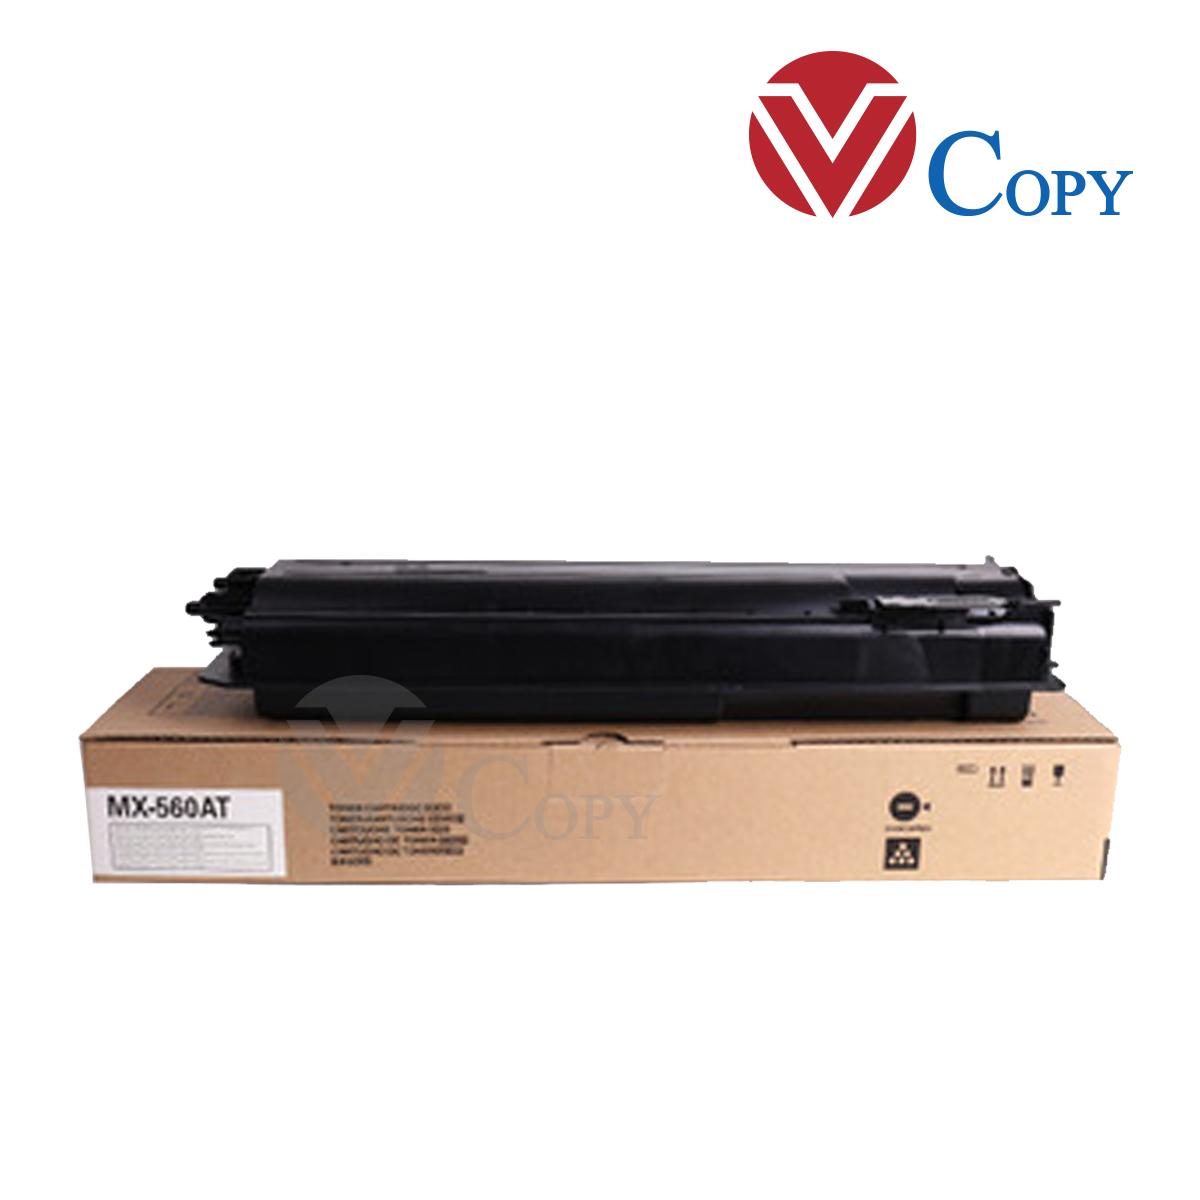 Mực Thương hiệu dùng cho máy Photocopy Sharp MX-M464N/MX-M564N - Cụm Mực MX-560AT _ Trọng lượng 500g